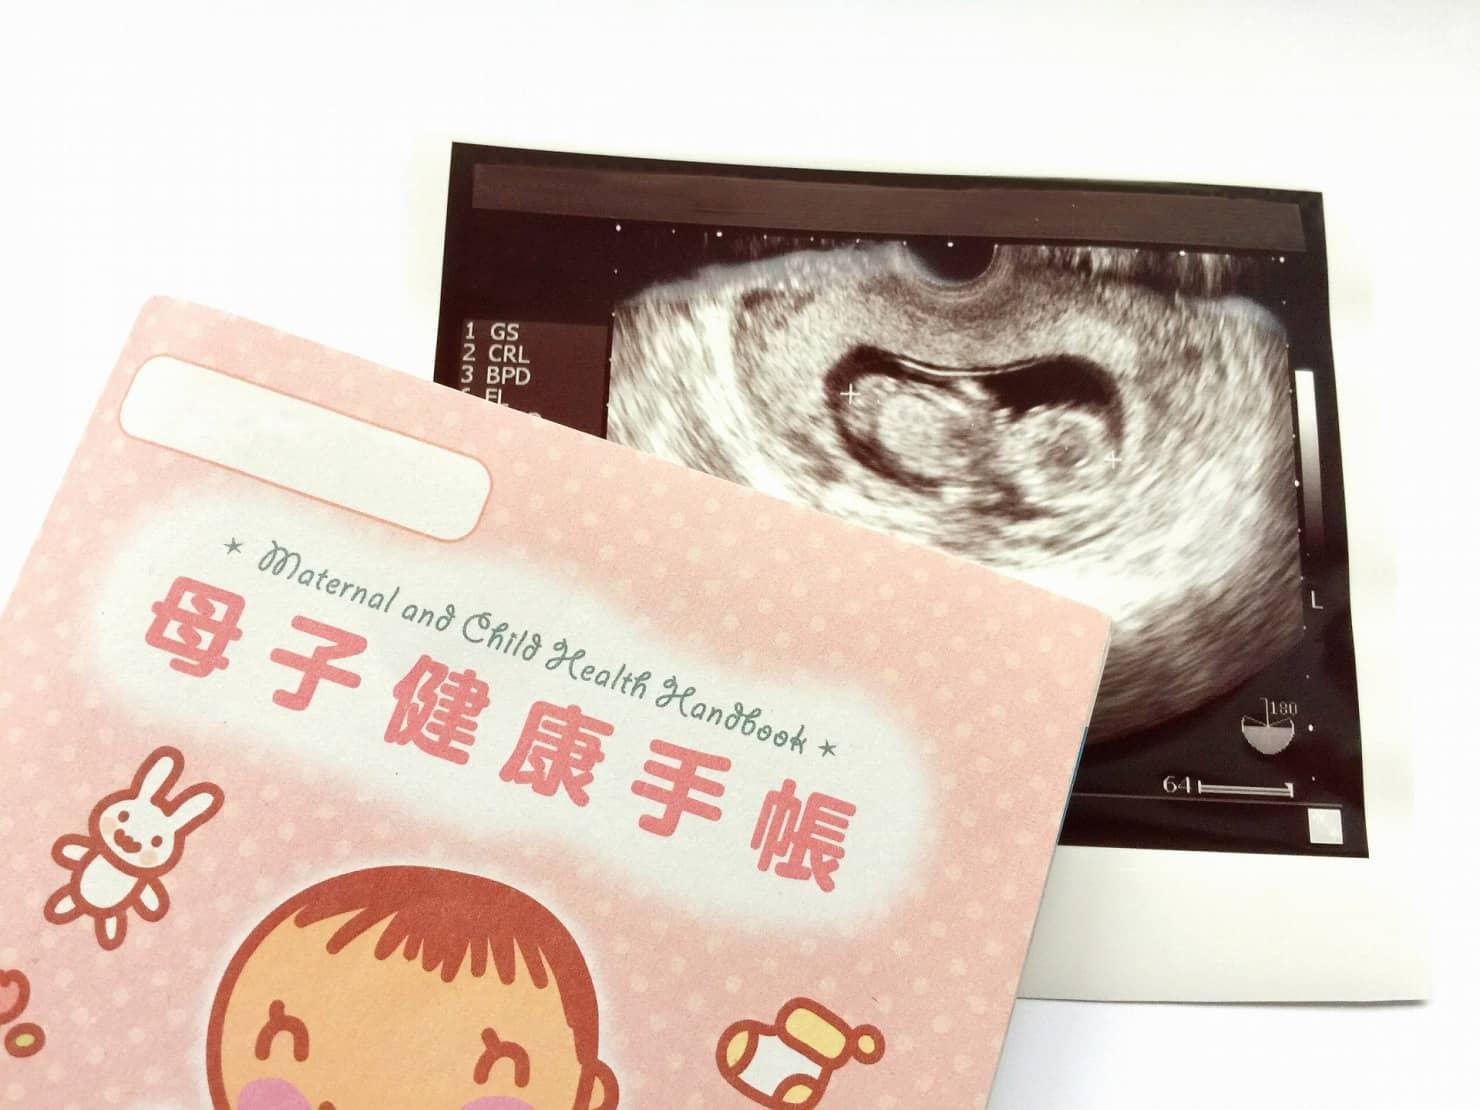 母子手帳はいつどこでもらえる? どんな内容が書いてあるの? 詳しく解説